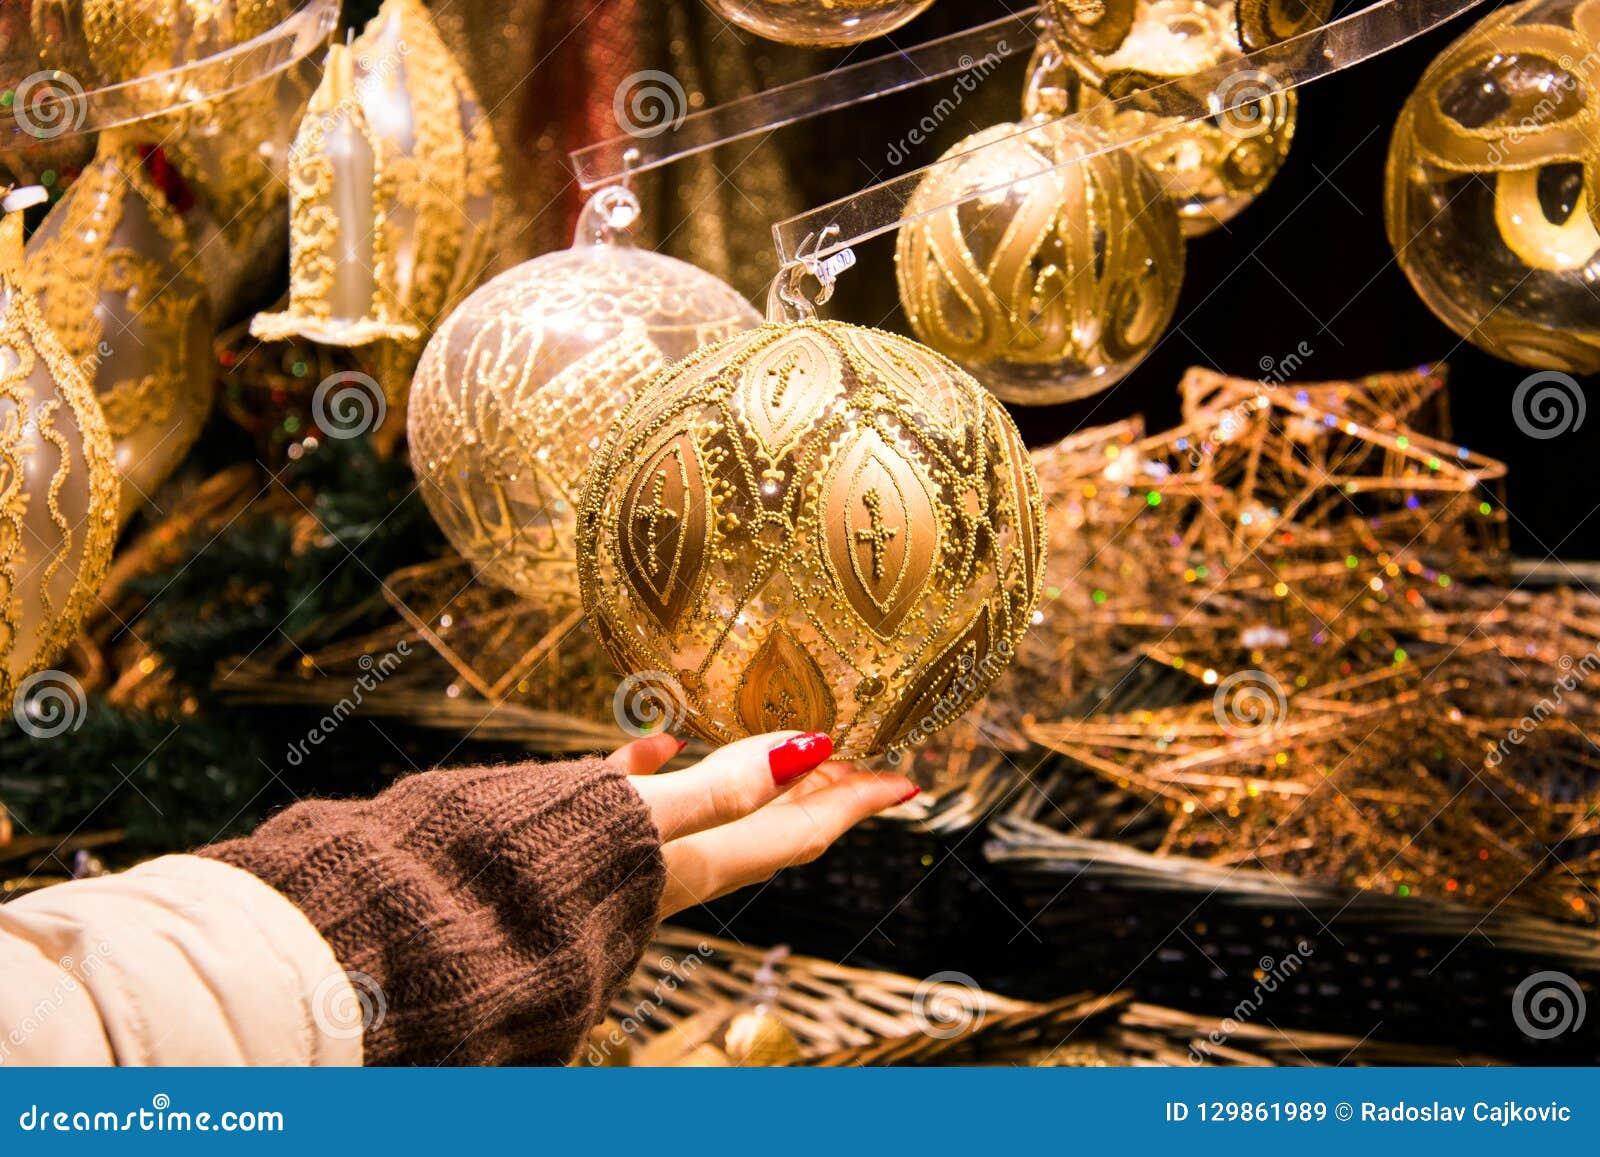 Main de femme tenant la boule admirablement ouvrée de décoration de Noël dans la couleur d or avec la conception ornementale